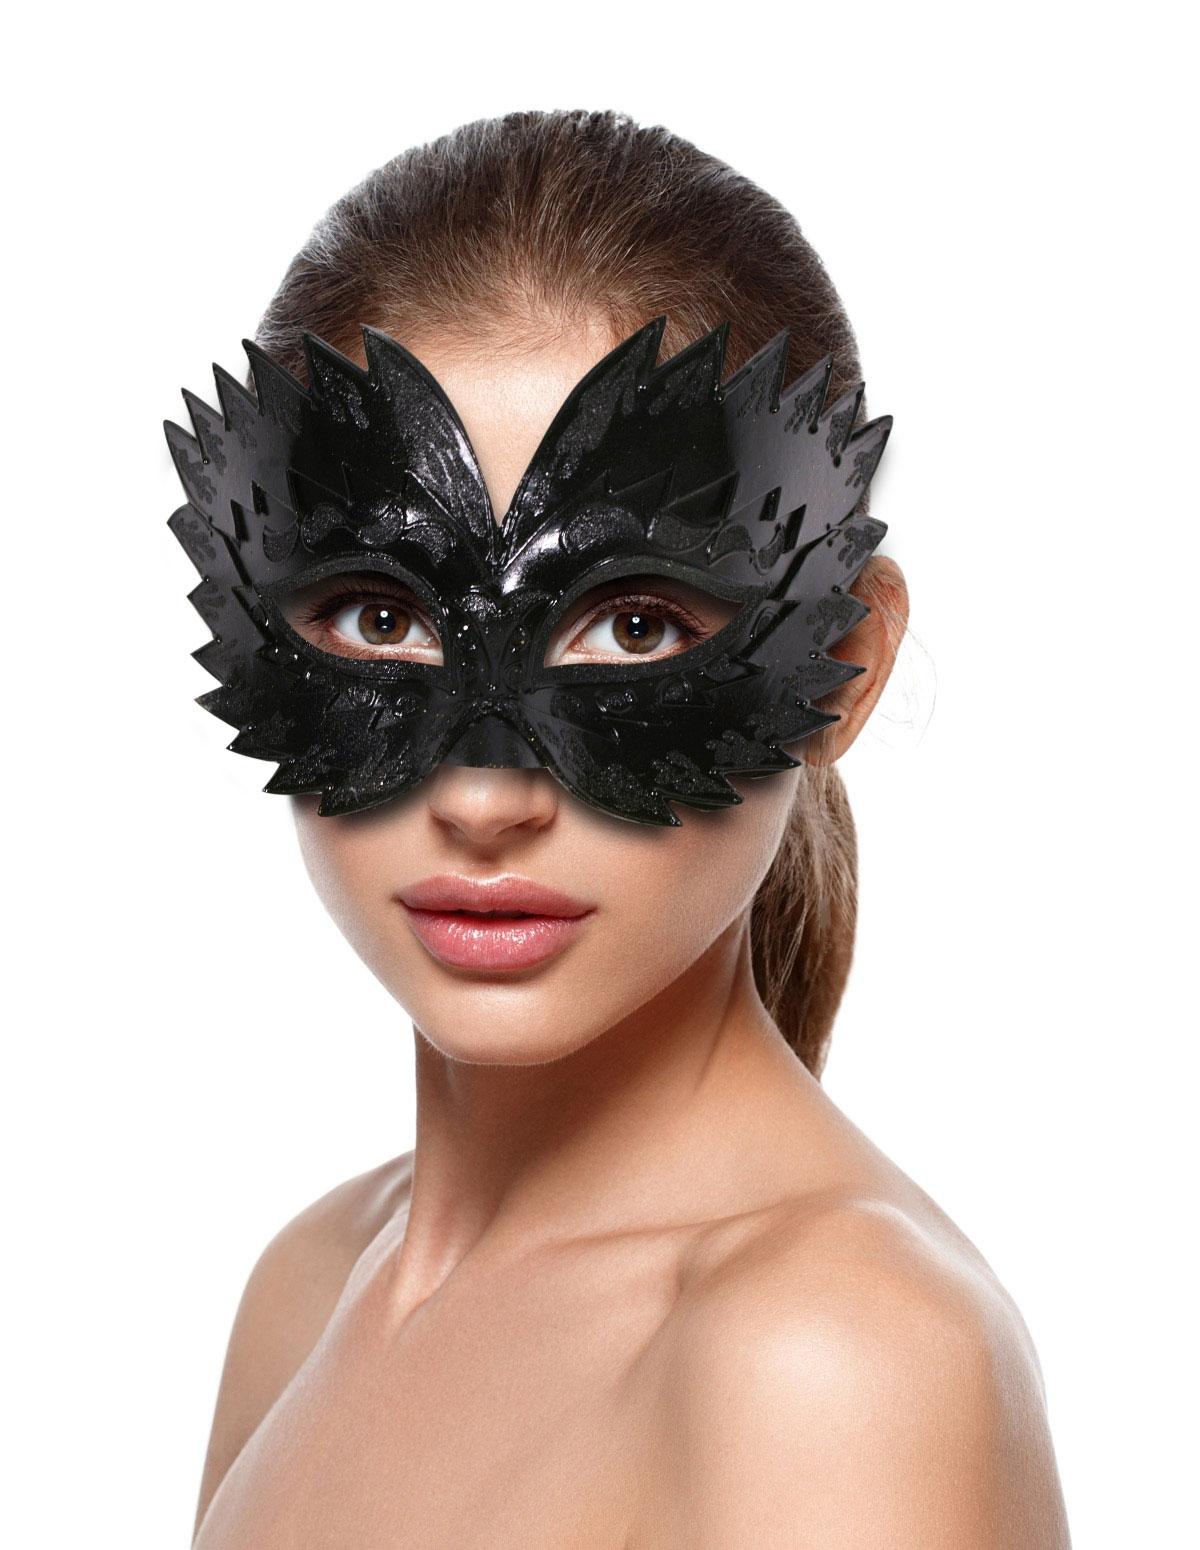 Shiny Black Raven Mask